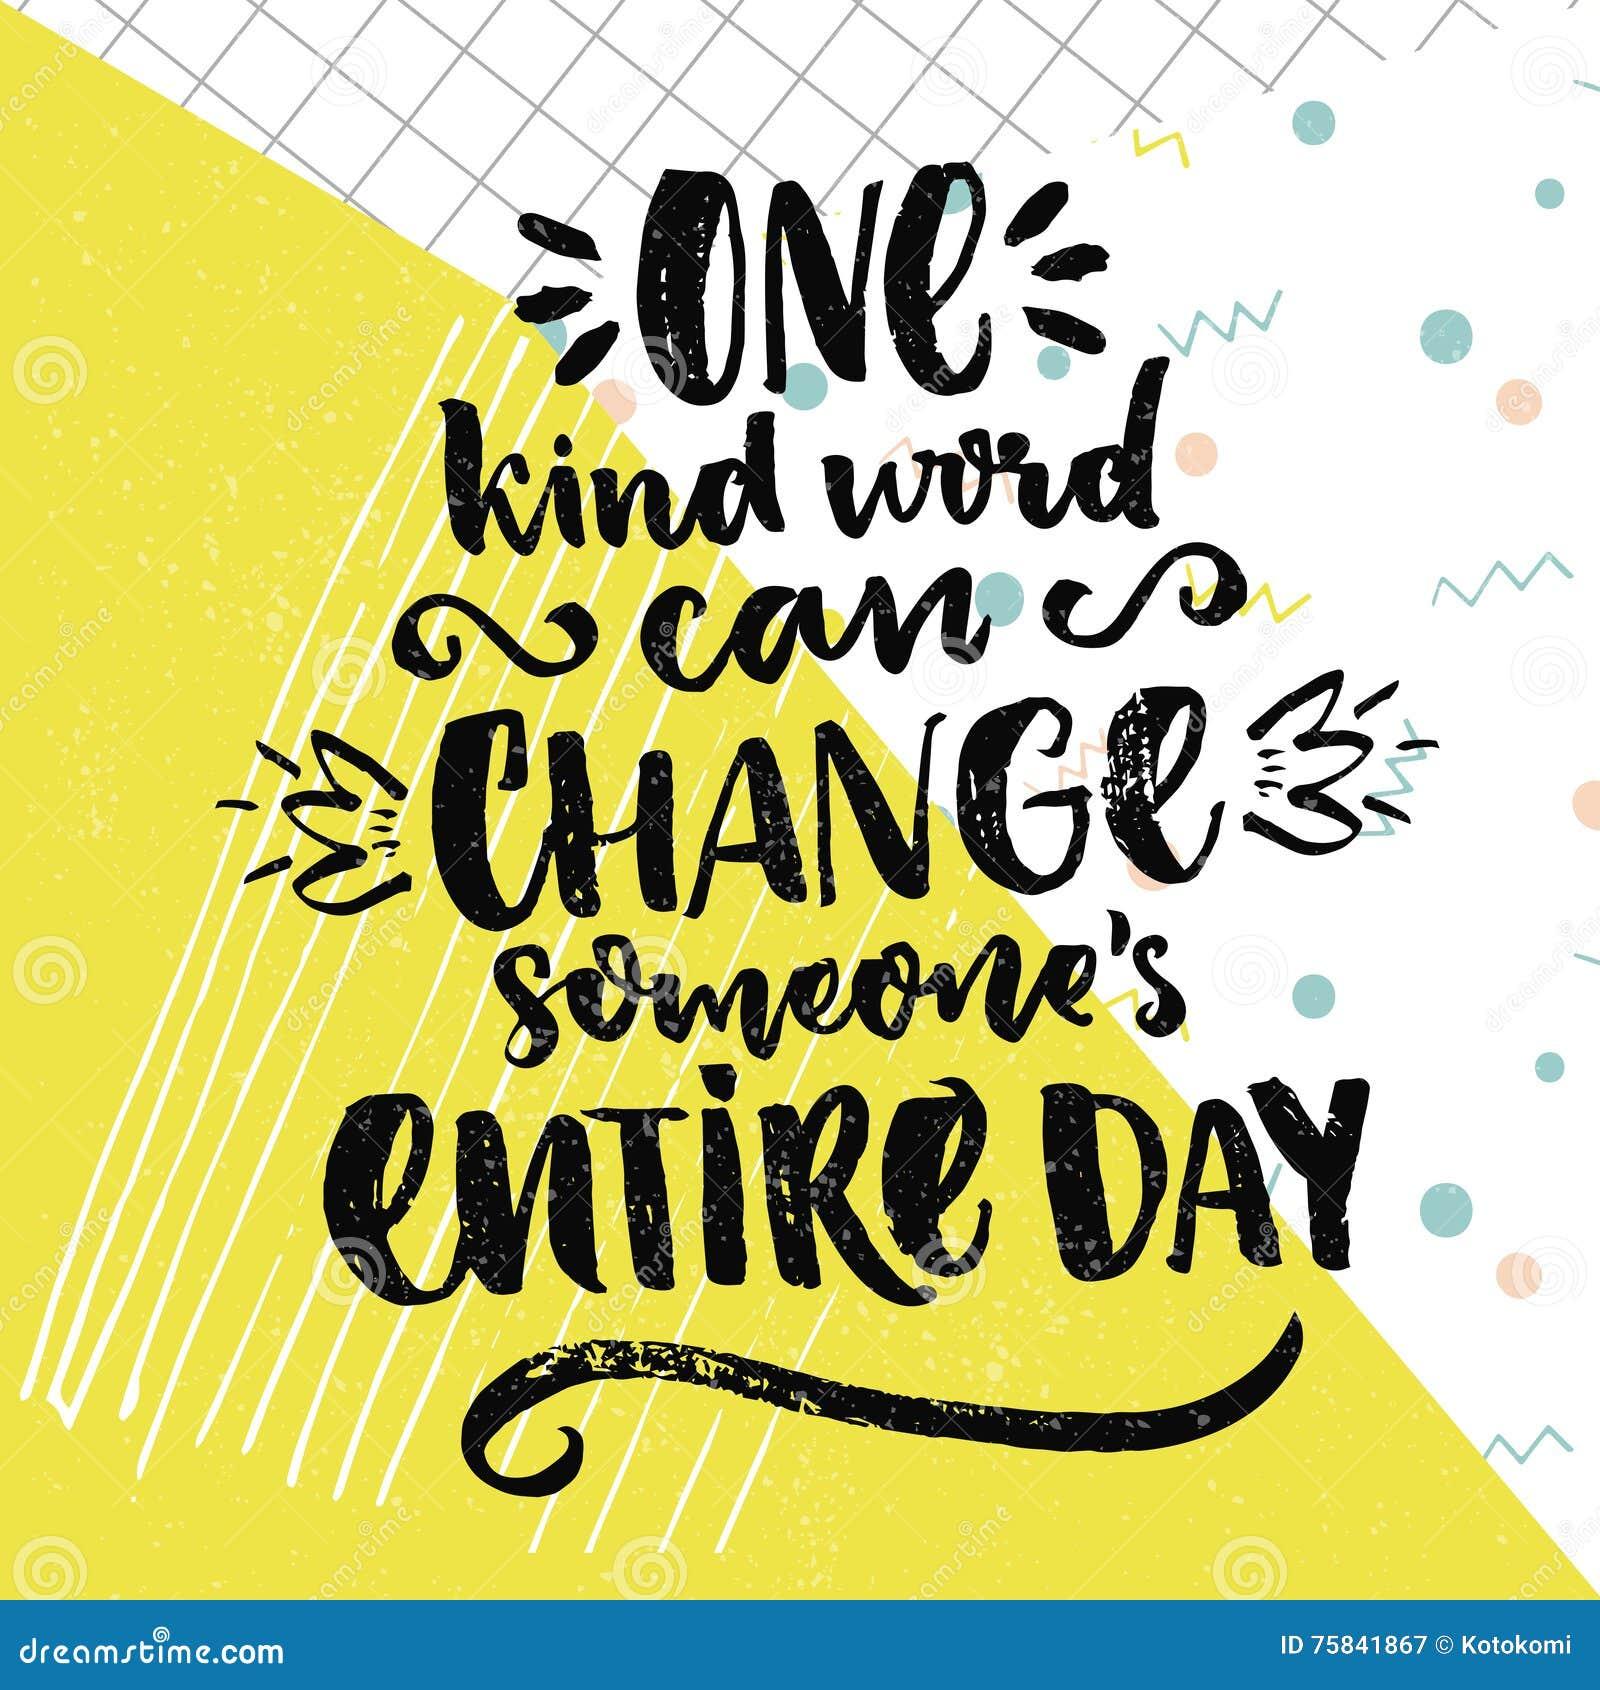 uma palavra amável pode mudar alguém dia inteiro provérbio inspirado